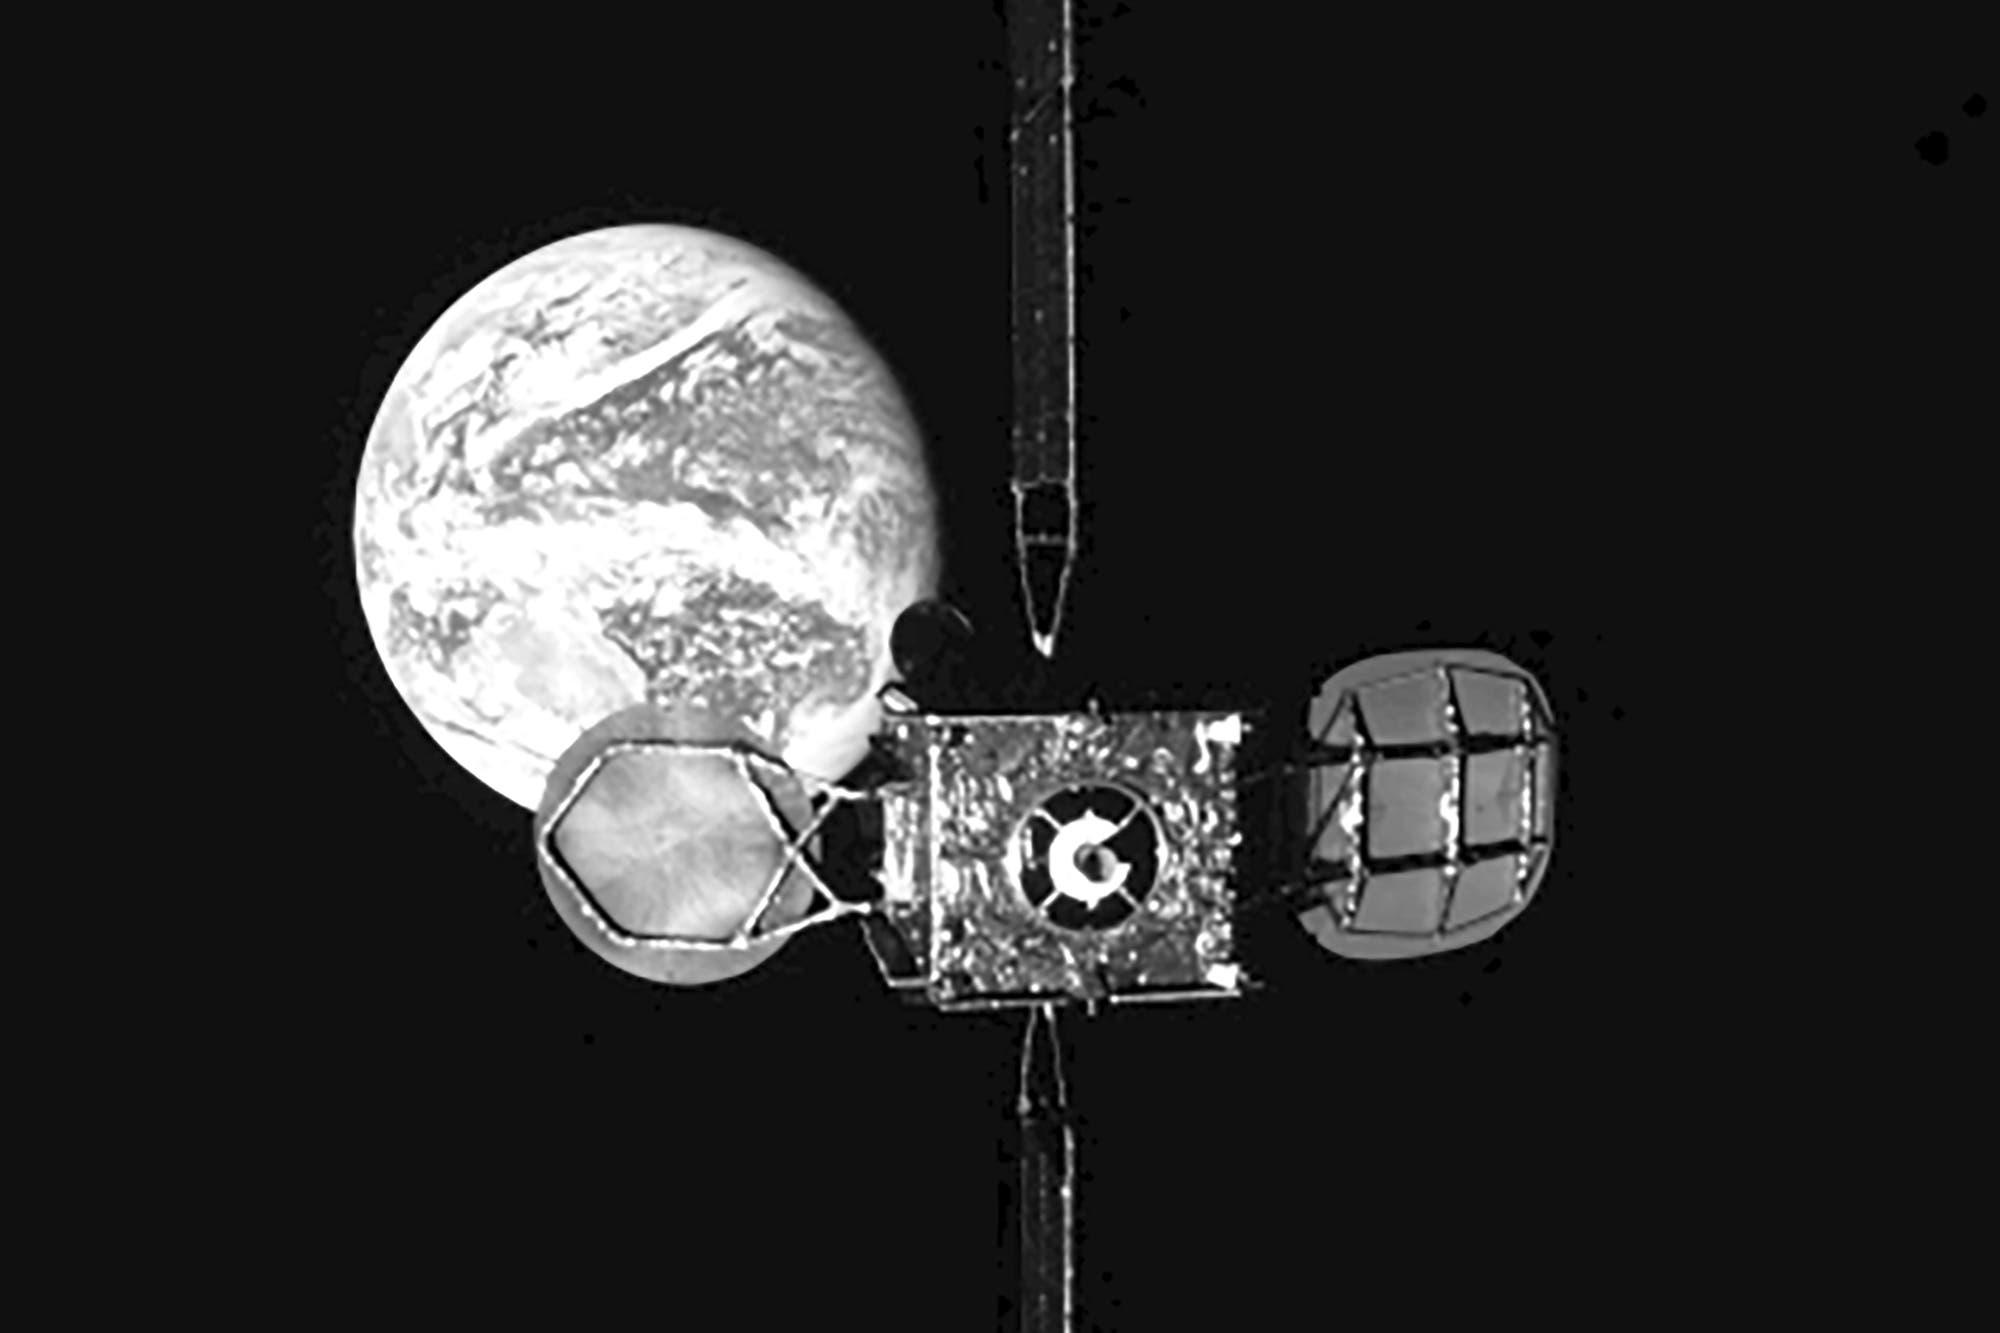 La pionera maniobra que unió a dos satélites en órbita (y por qué importa para el futuro de las misiones espaciales)